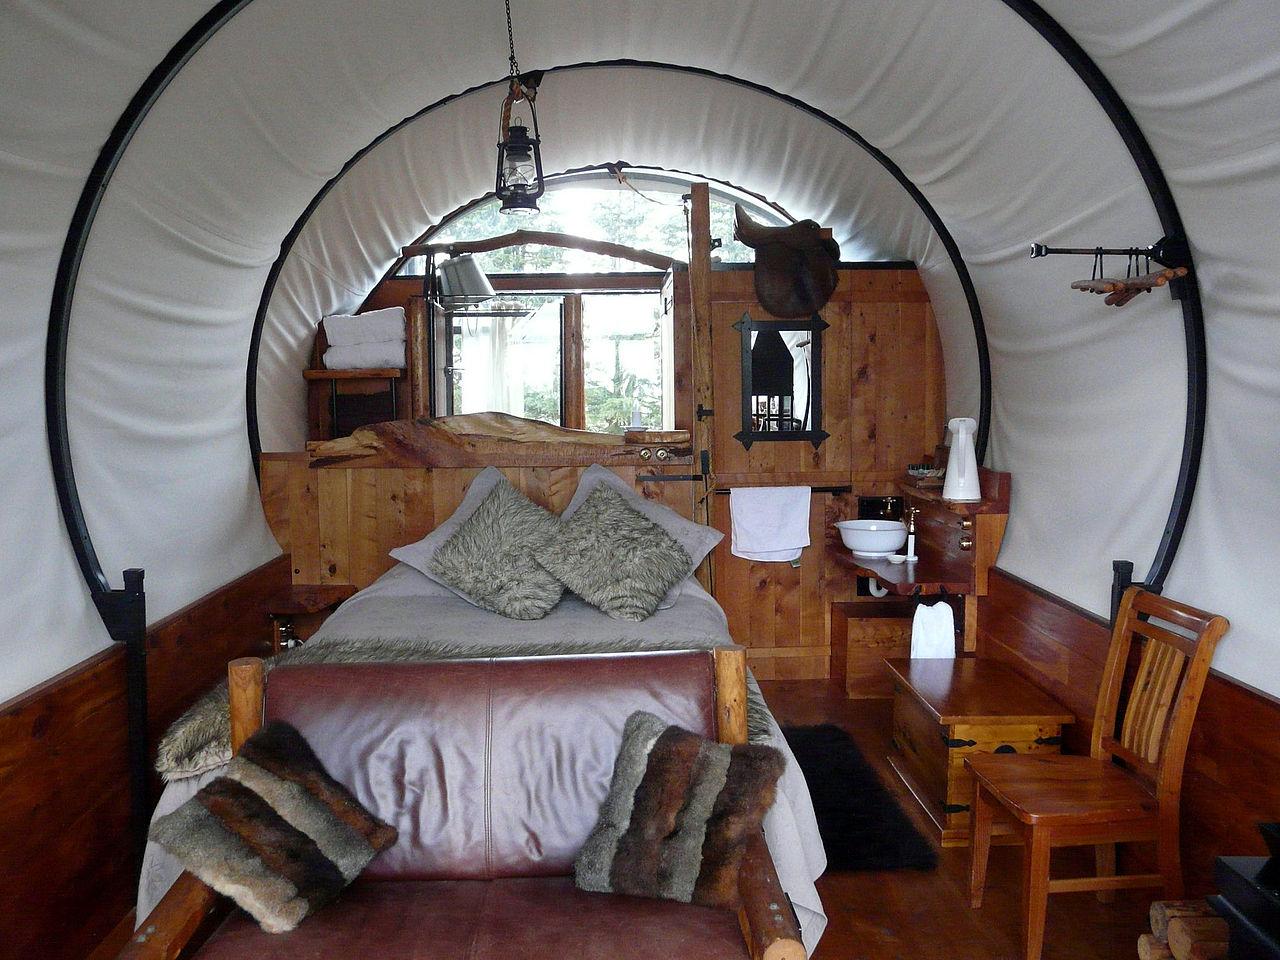 Glamping = Glamour Camping